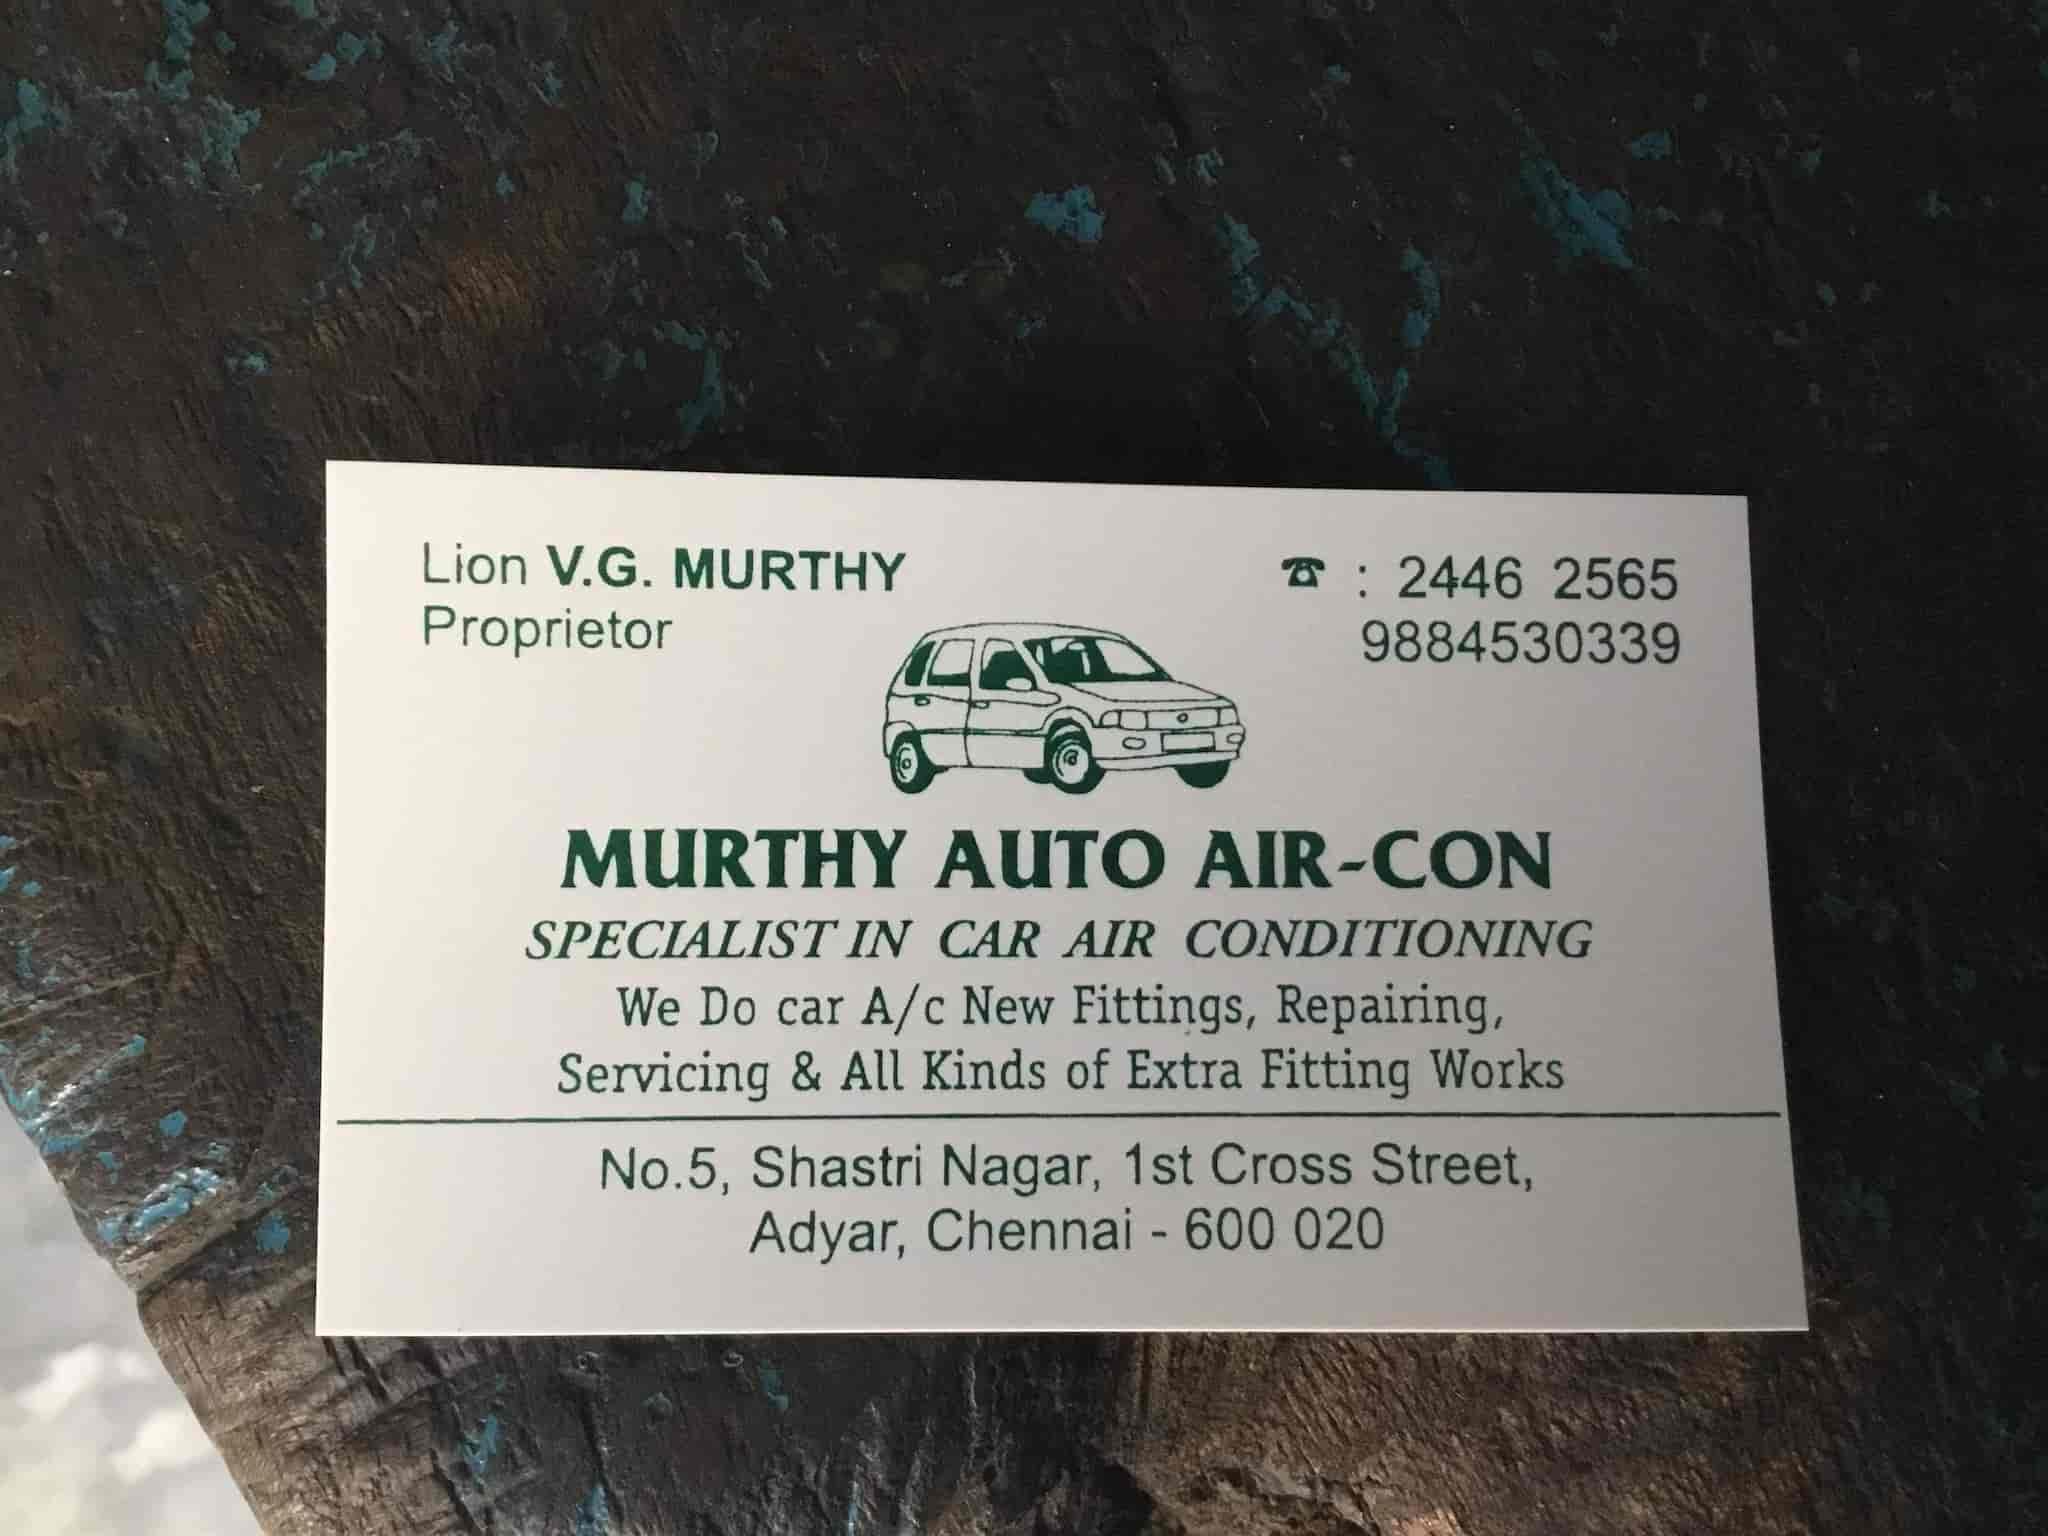 Murthy Auto Air Con, Adyar - Car Repair & Services in Chennai - Justdial